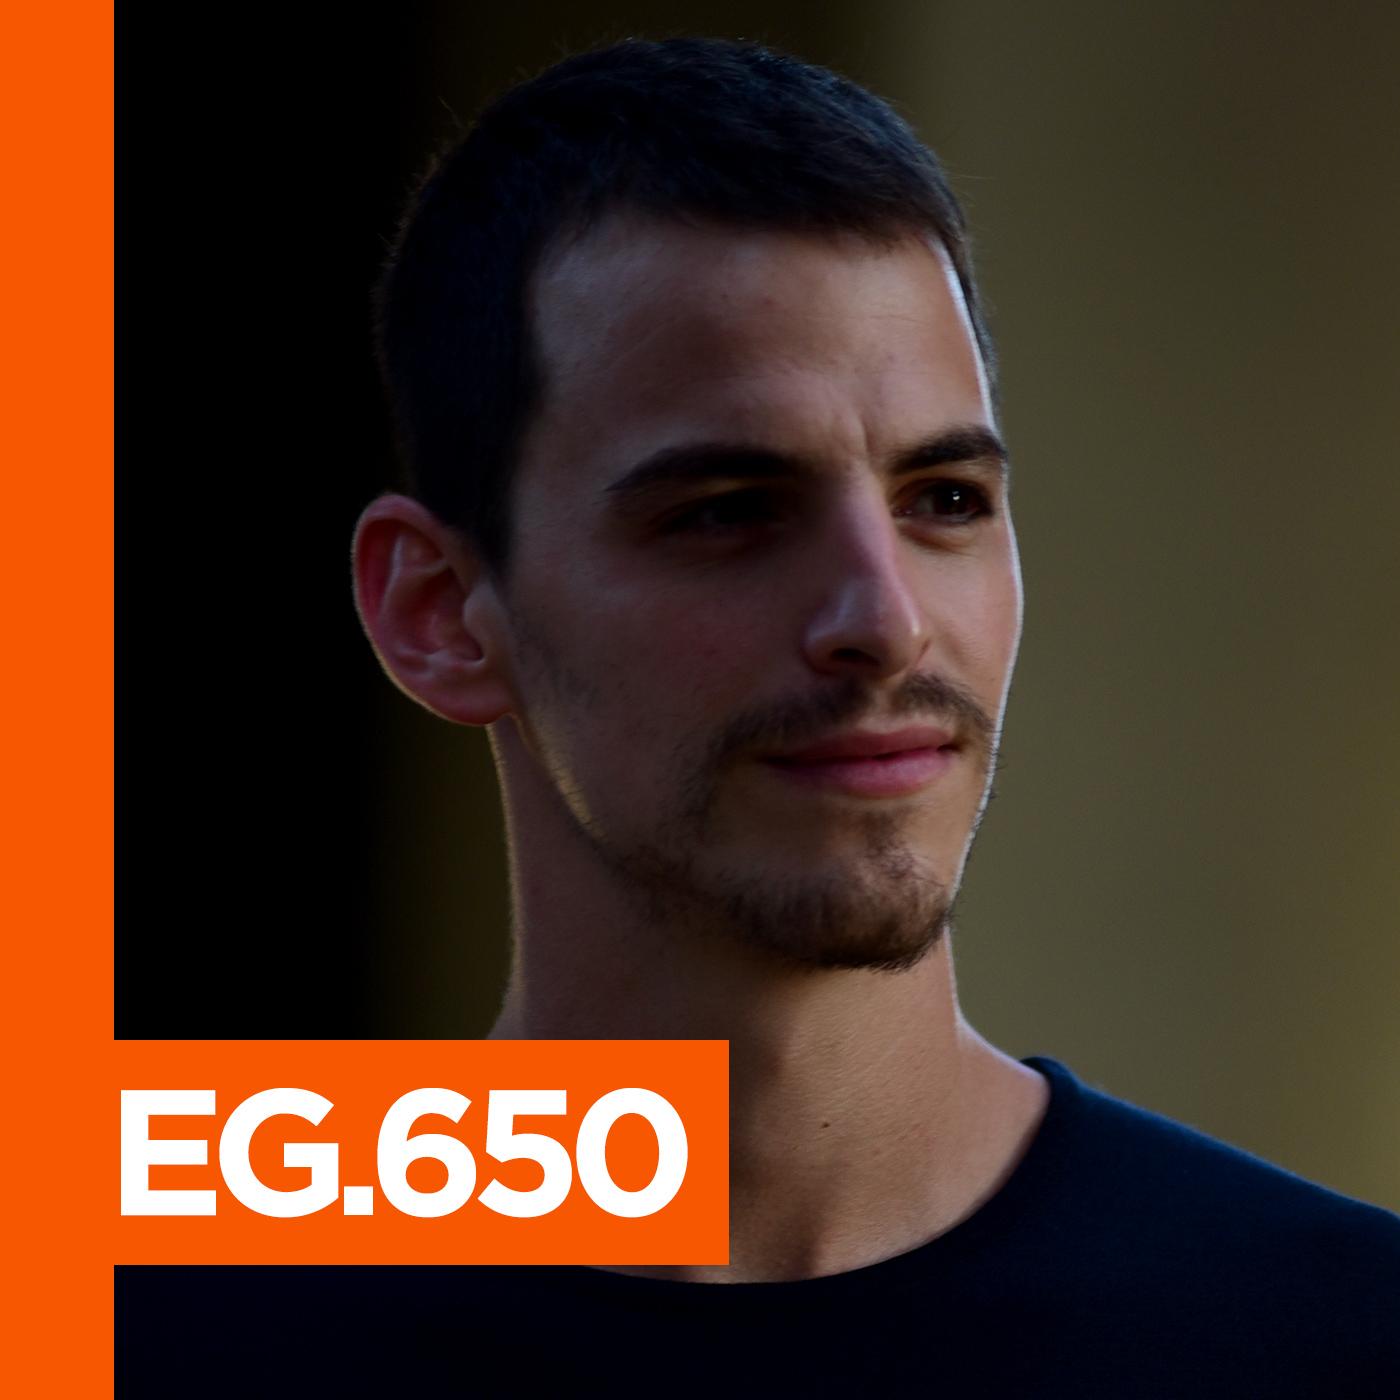 EG.650 Adam Ten